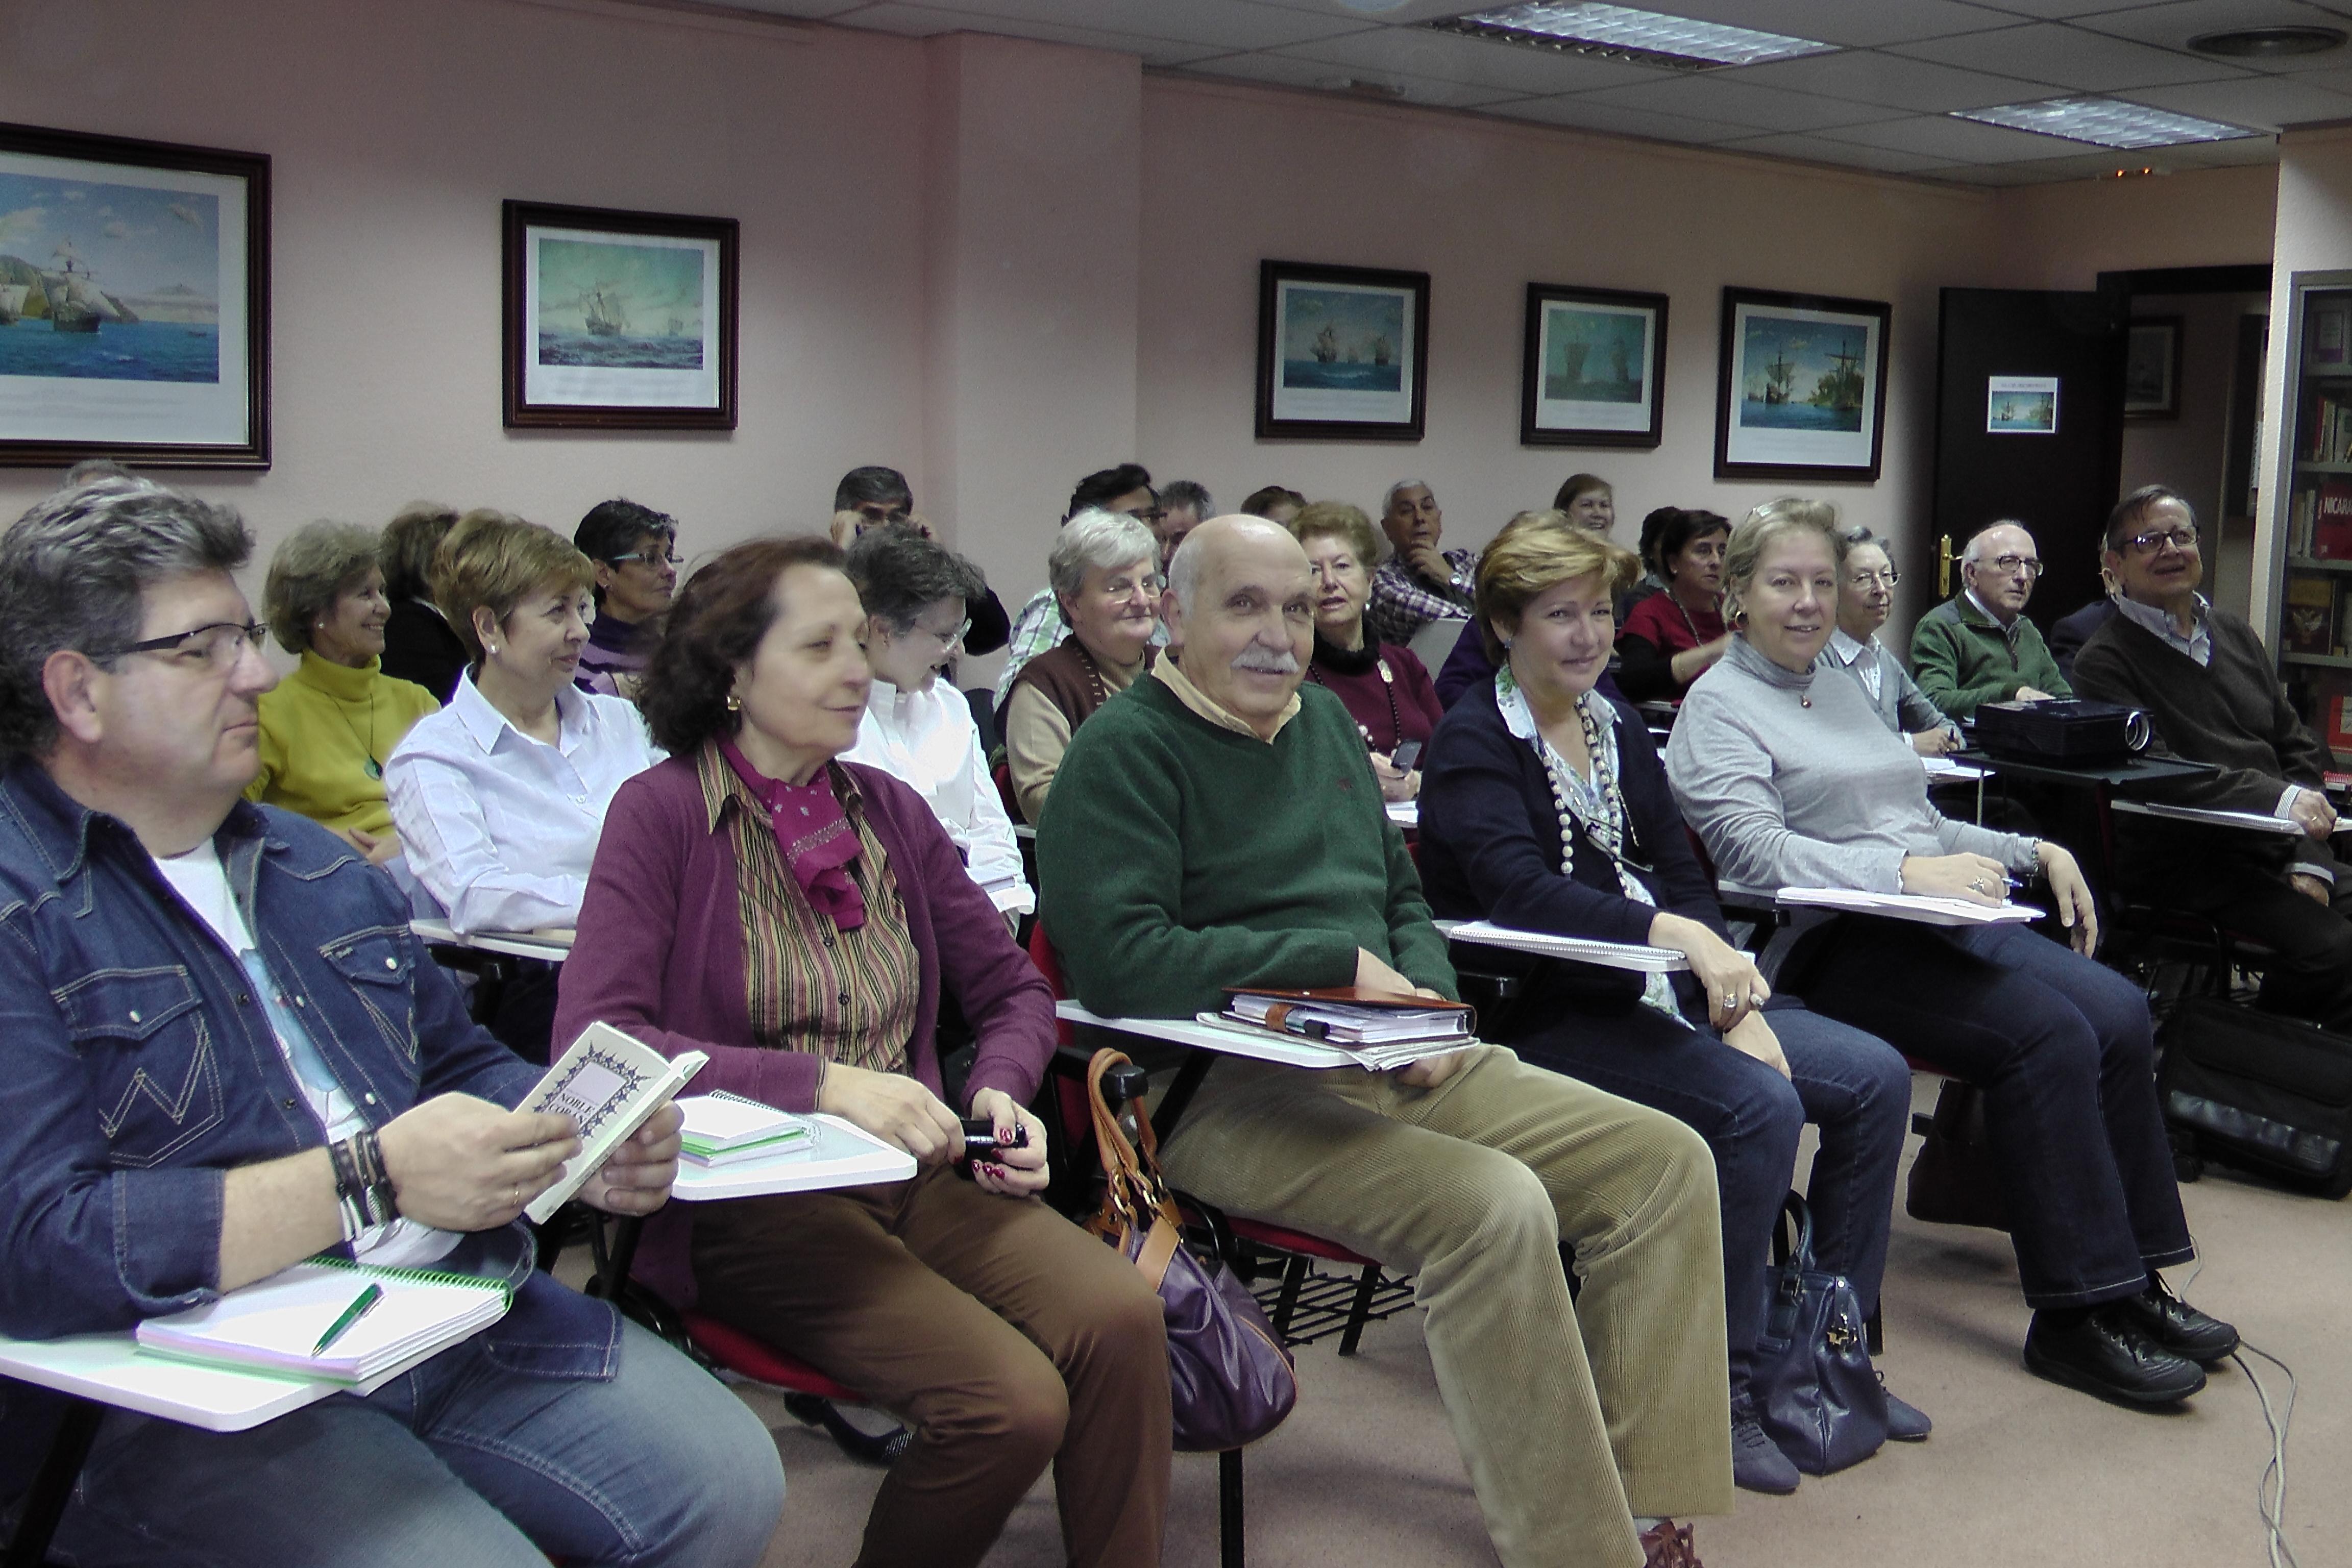 Disfrutar del conocimiento y de la convivencia en la Universidad de los mayores